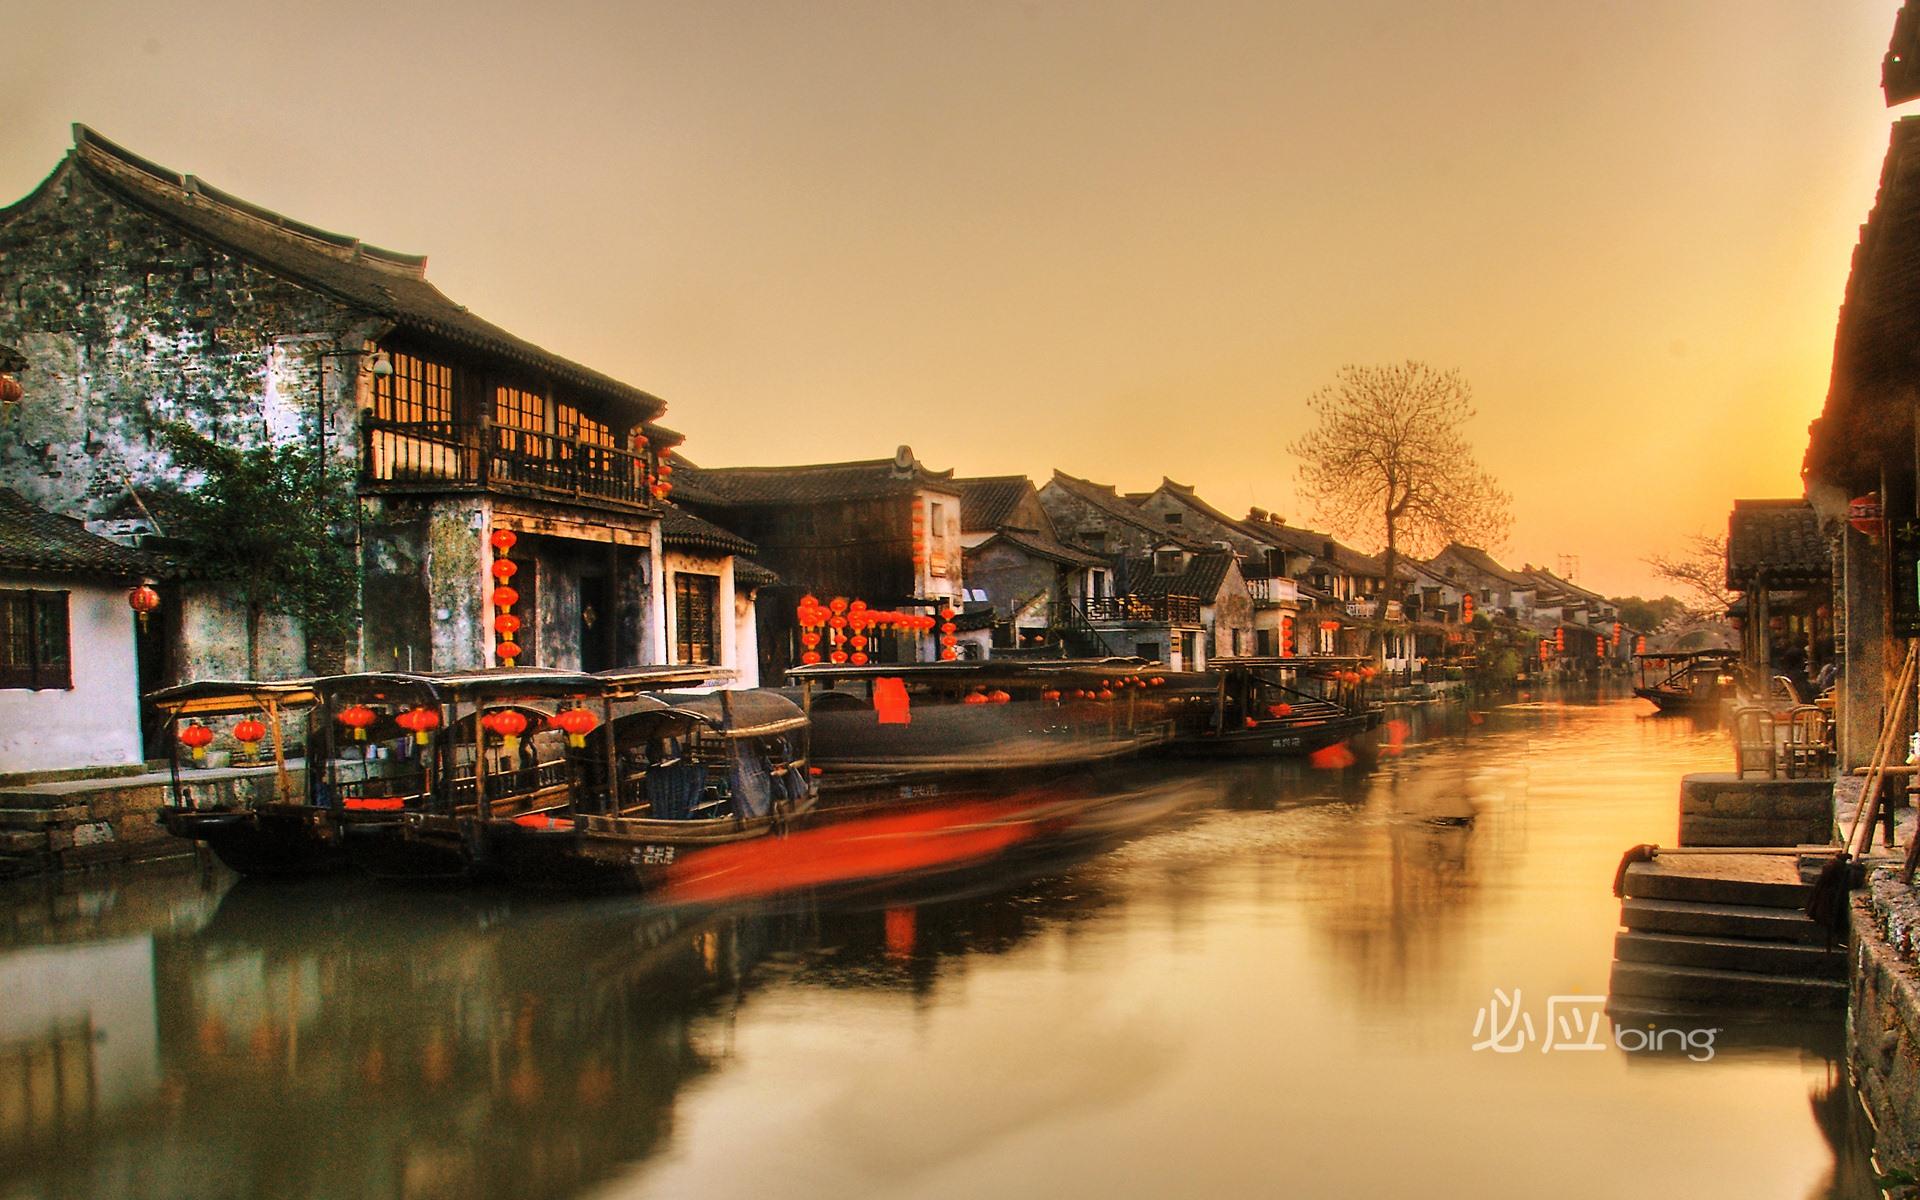 Bingの壁紙のベスト 中国 4 19x10 壁紙ダウンロード Bingの壁紙のベスト 中国 システム 壁紙 V3の壁紙